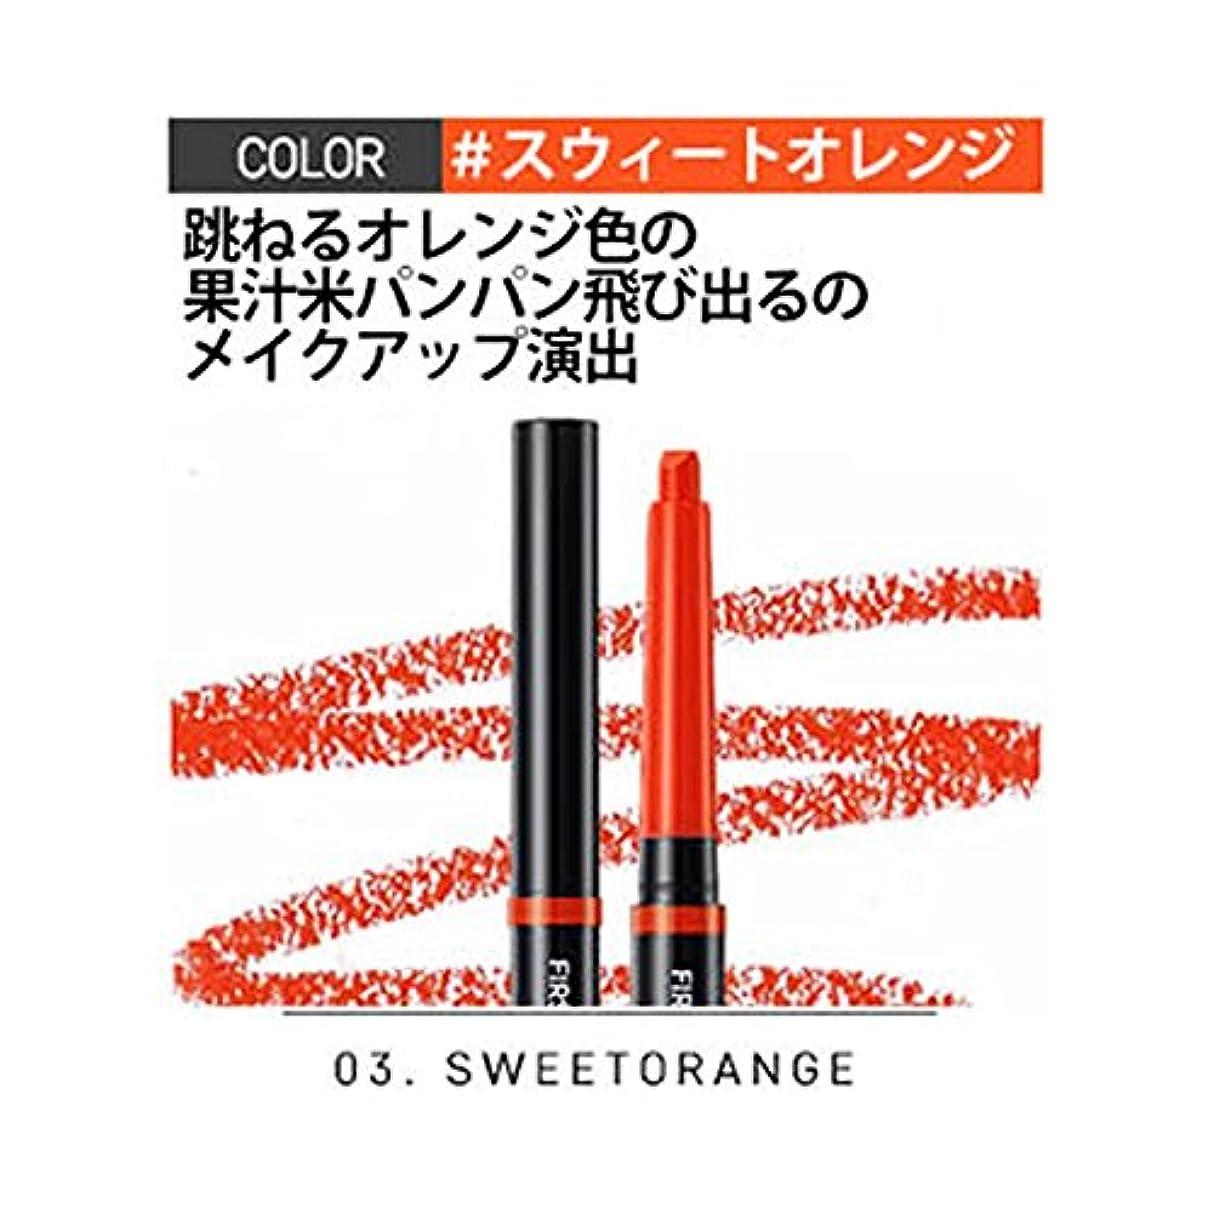 流体話す秀でる[G9SKIN/G9スキン] First Blending Pencil/ファーストブレンディングペンシル リップスティック 口紅 リップ リップメイク メイクアップ 化粧品 コスメ (SWEET ORANGE)